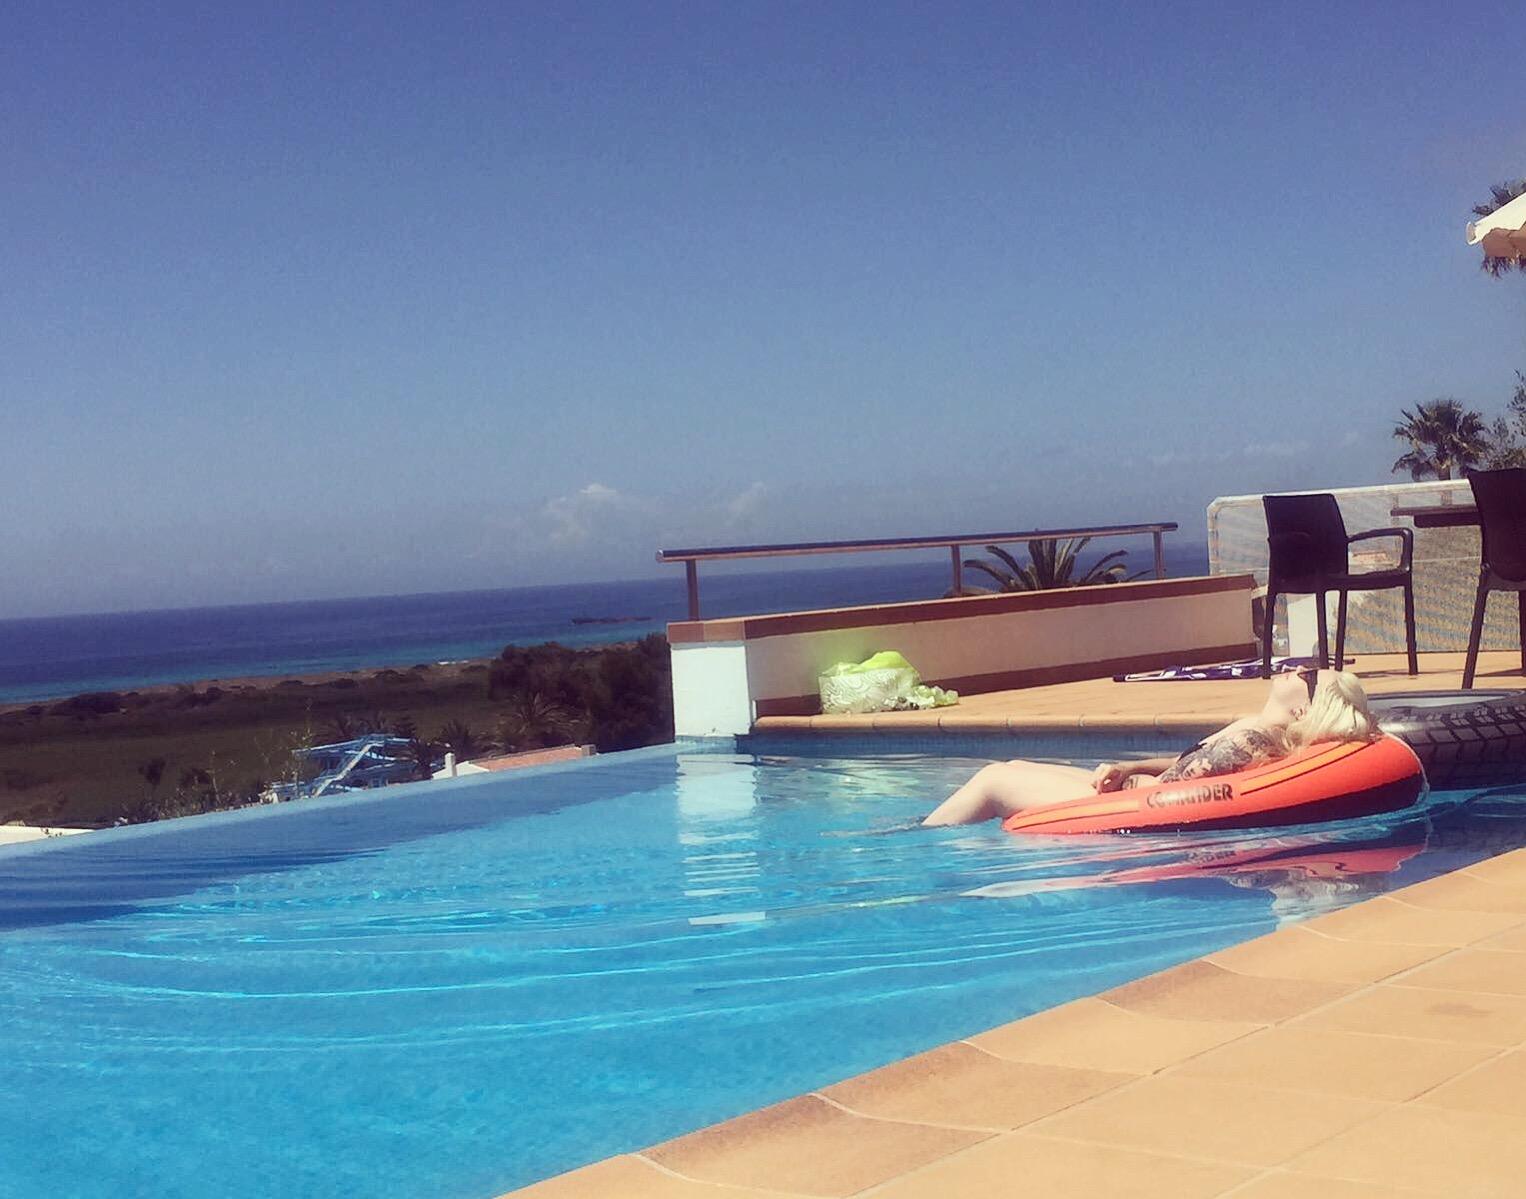 Villa pool life